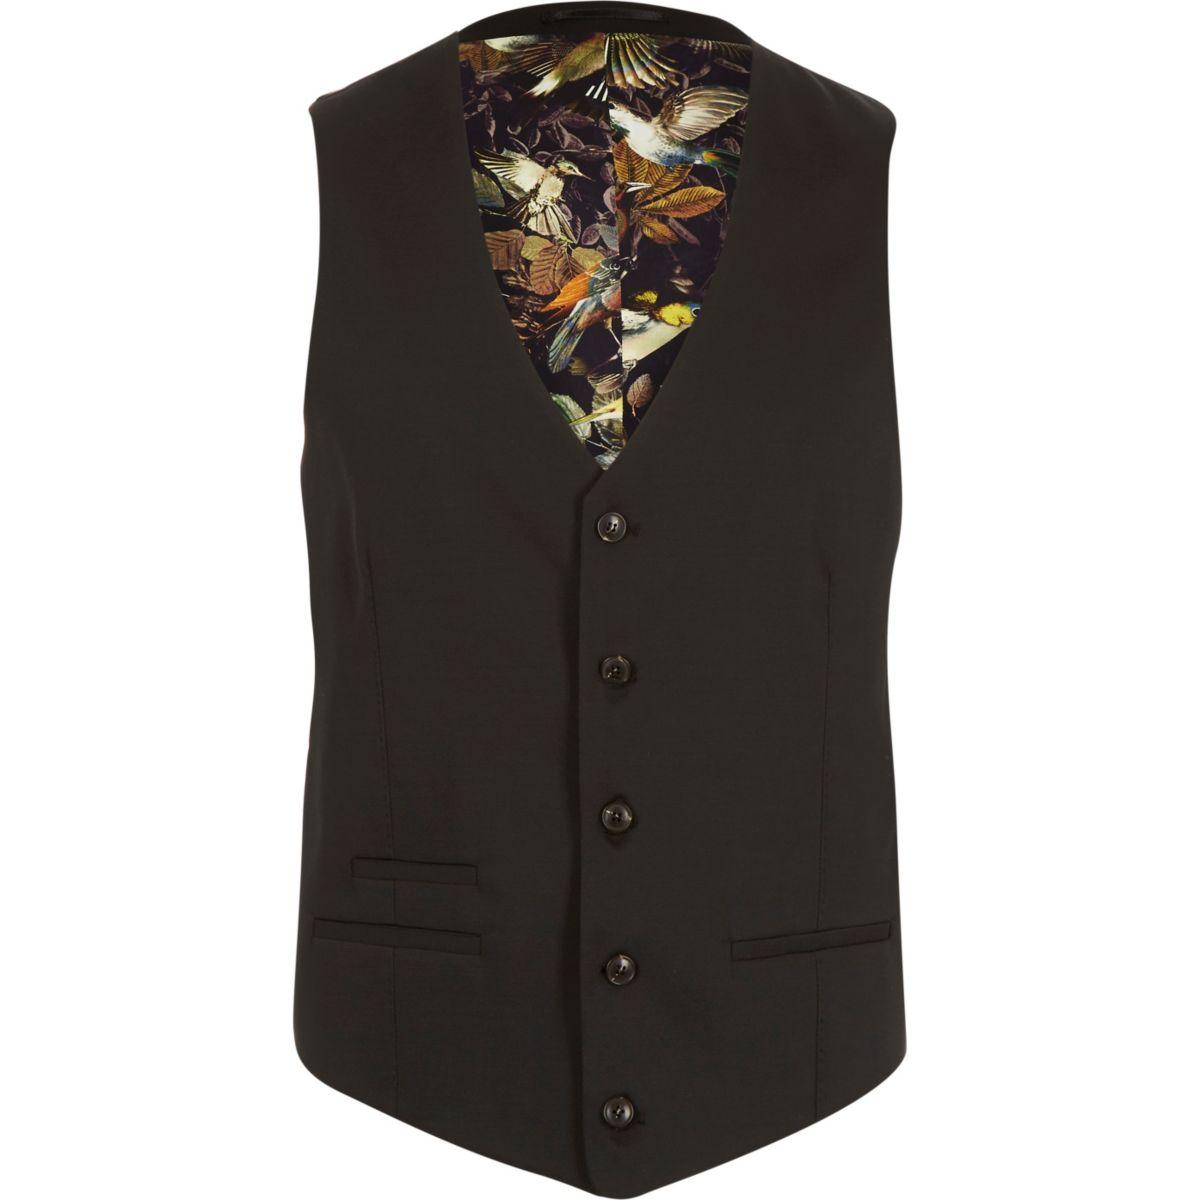 Gilet de costume cintré en laine mélangée microtexturée noire